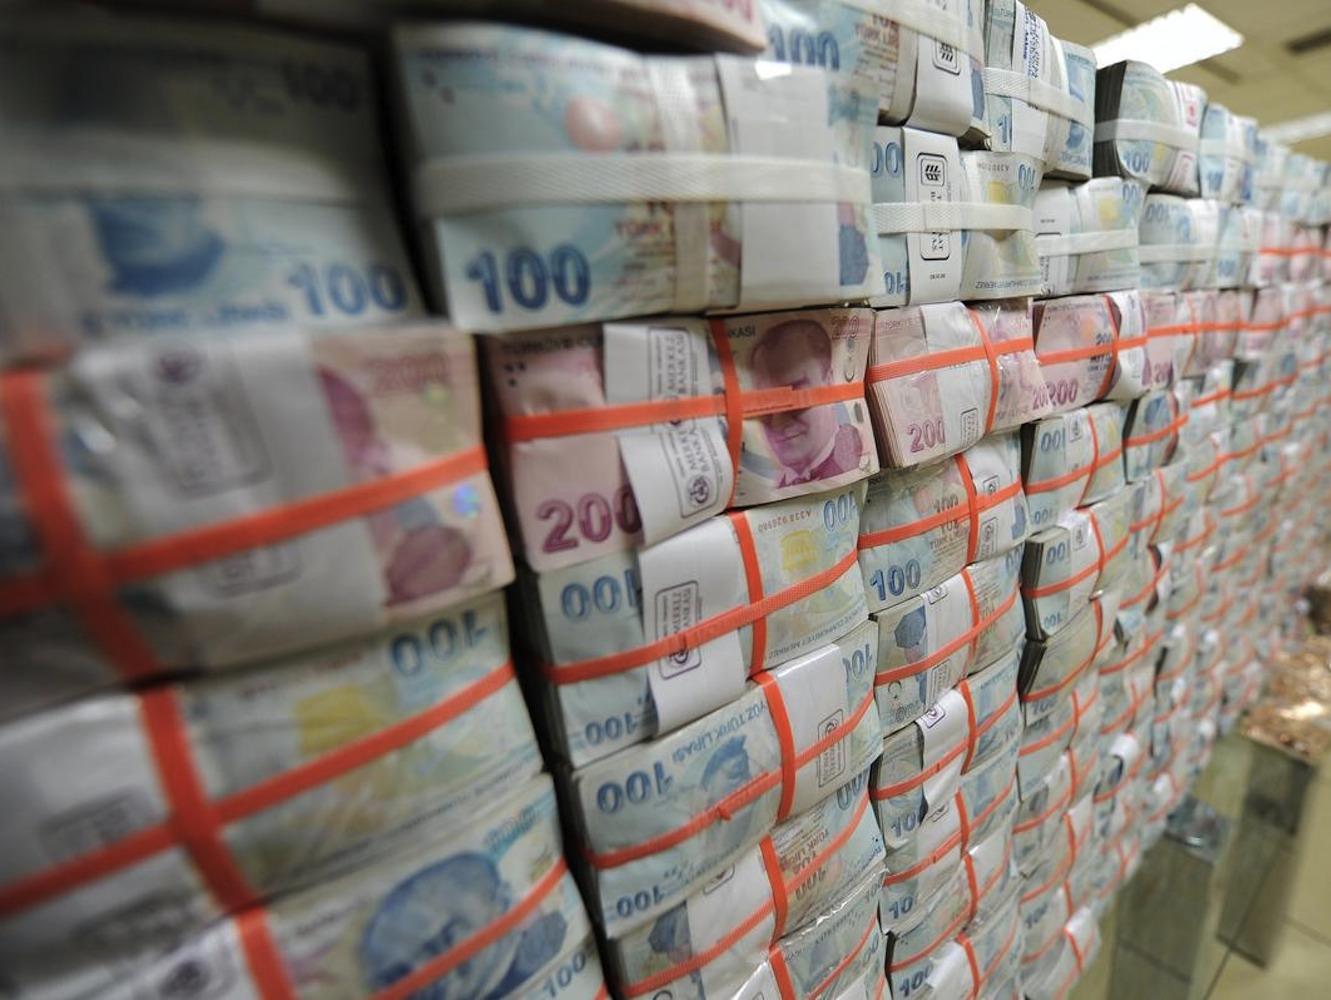 Tasarruf sözde kaldı: Bakanlık ve kurumlara milyonlarca lira aktarıldı